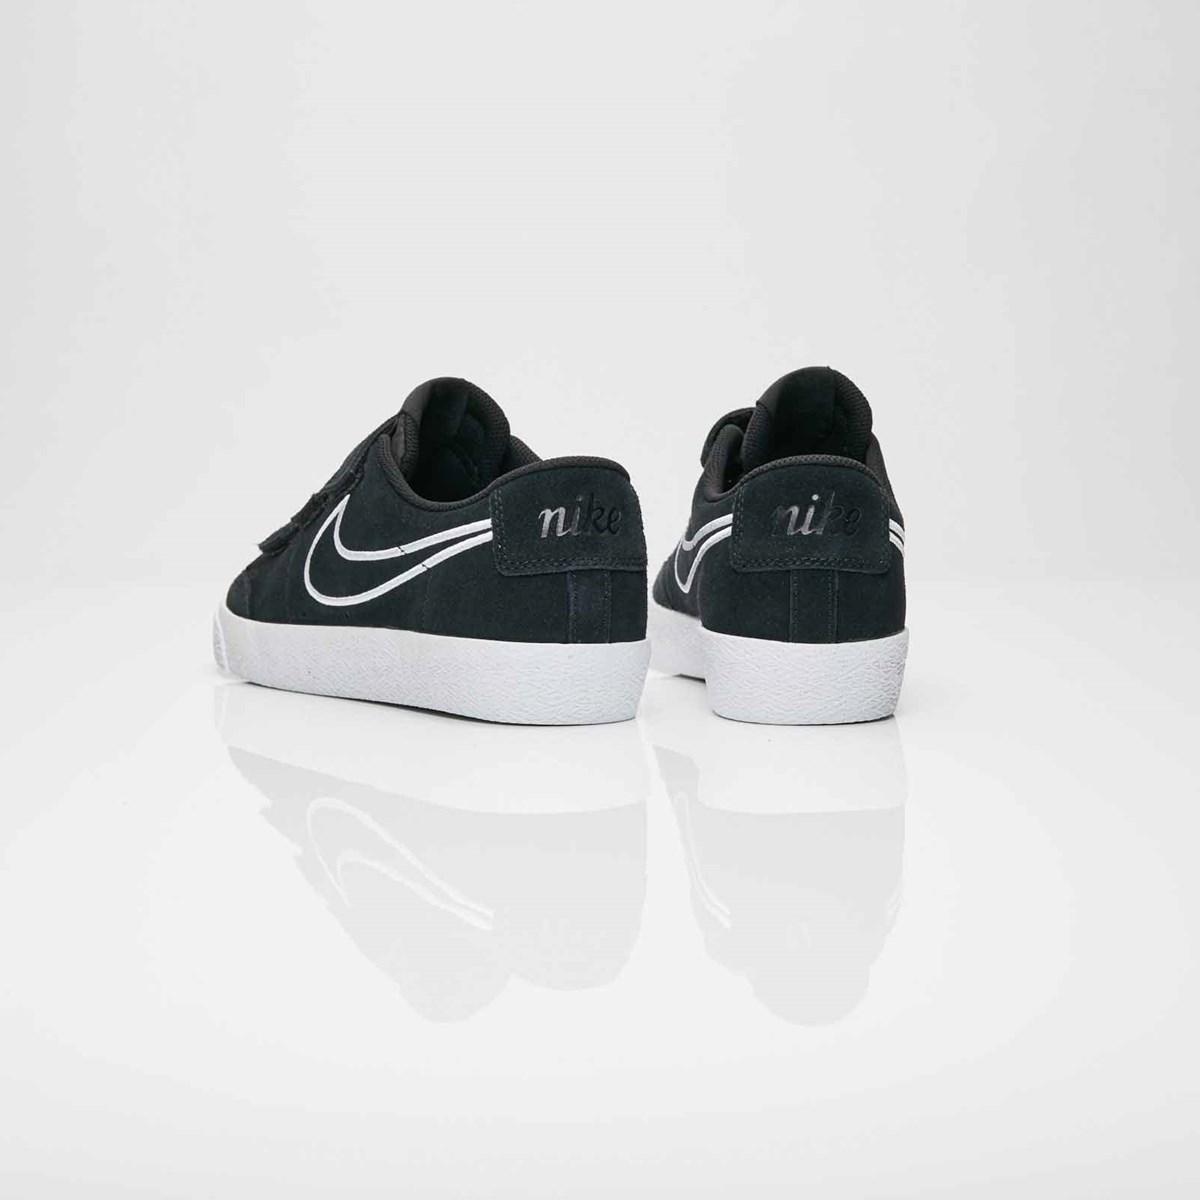 Nike Zoom Blazer AC XT - Ah3434-001 - SNS | sneakers & streetwear online since 1999